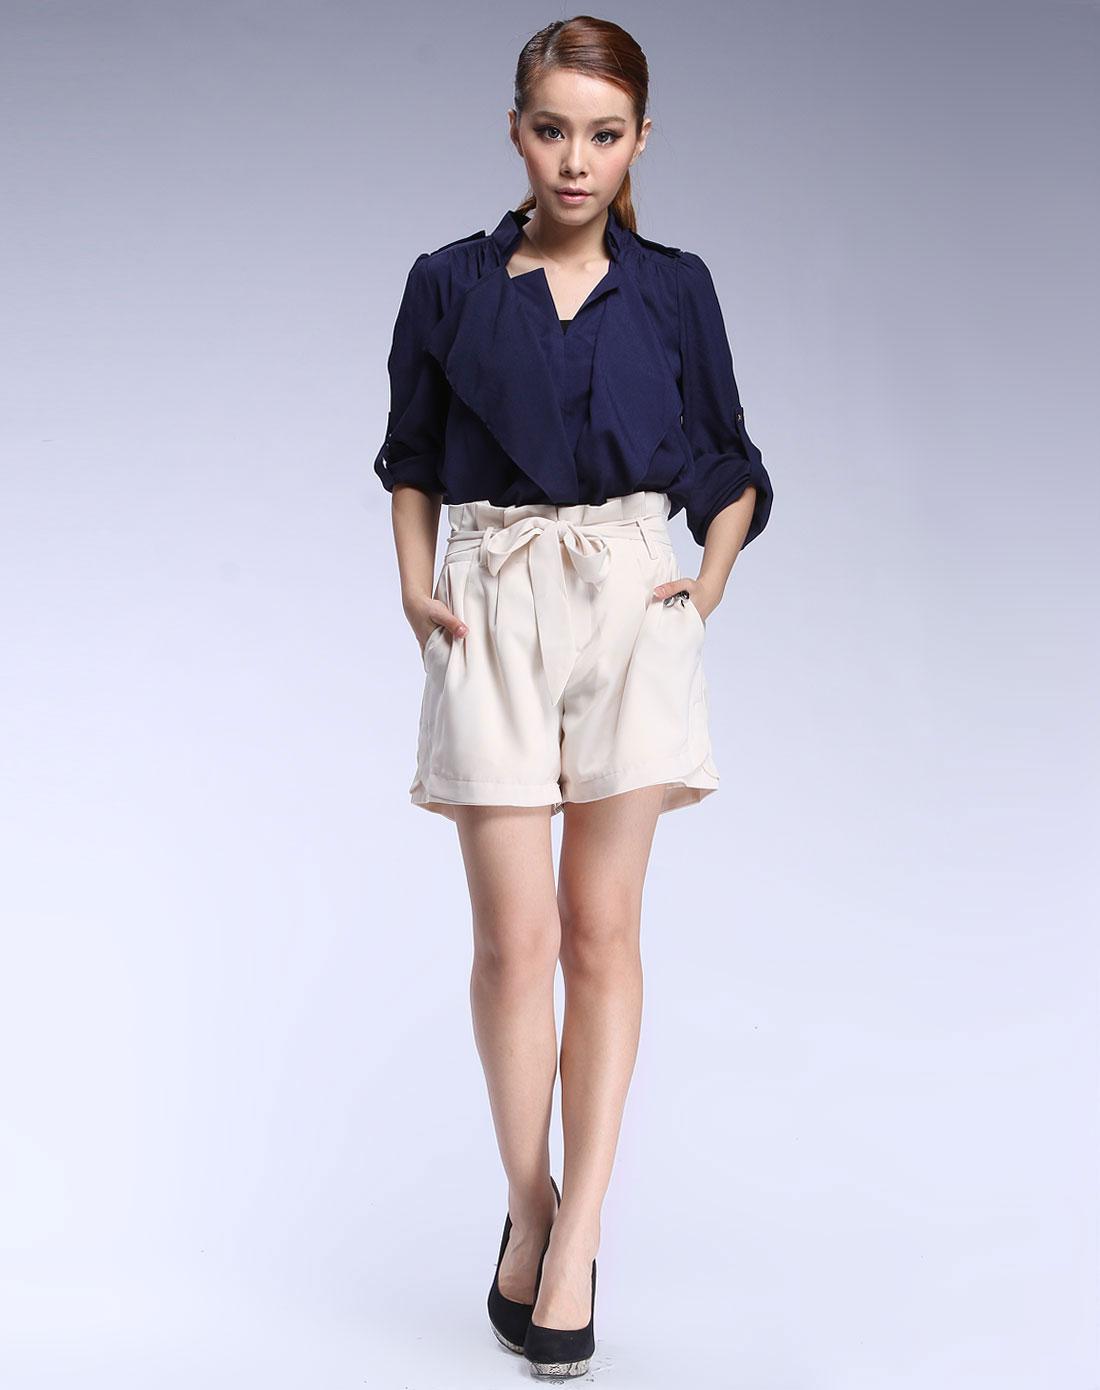 狠狠橹囹�a_艾蔻·姗ikoocoo.3女装专场-深蓝色时尚长袖衬衫